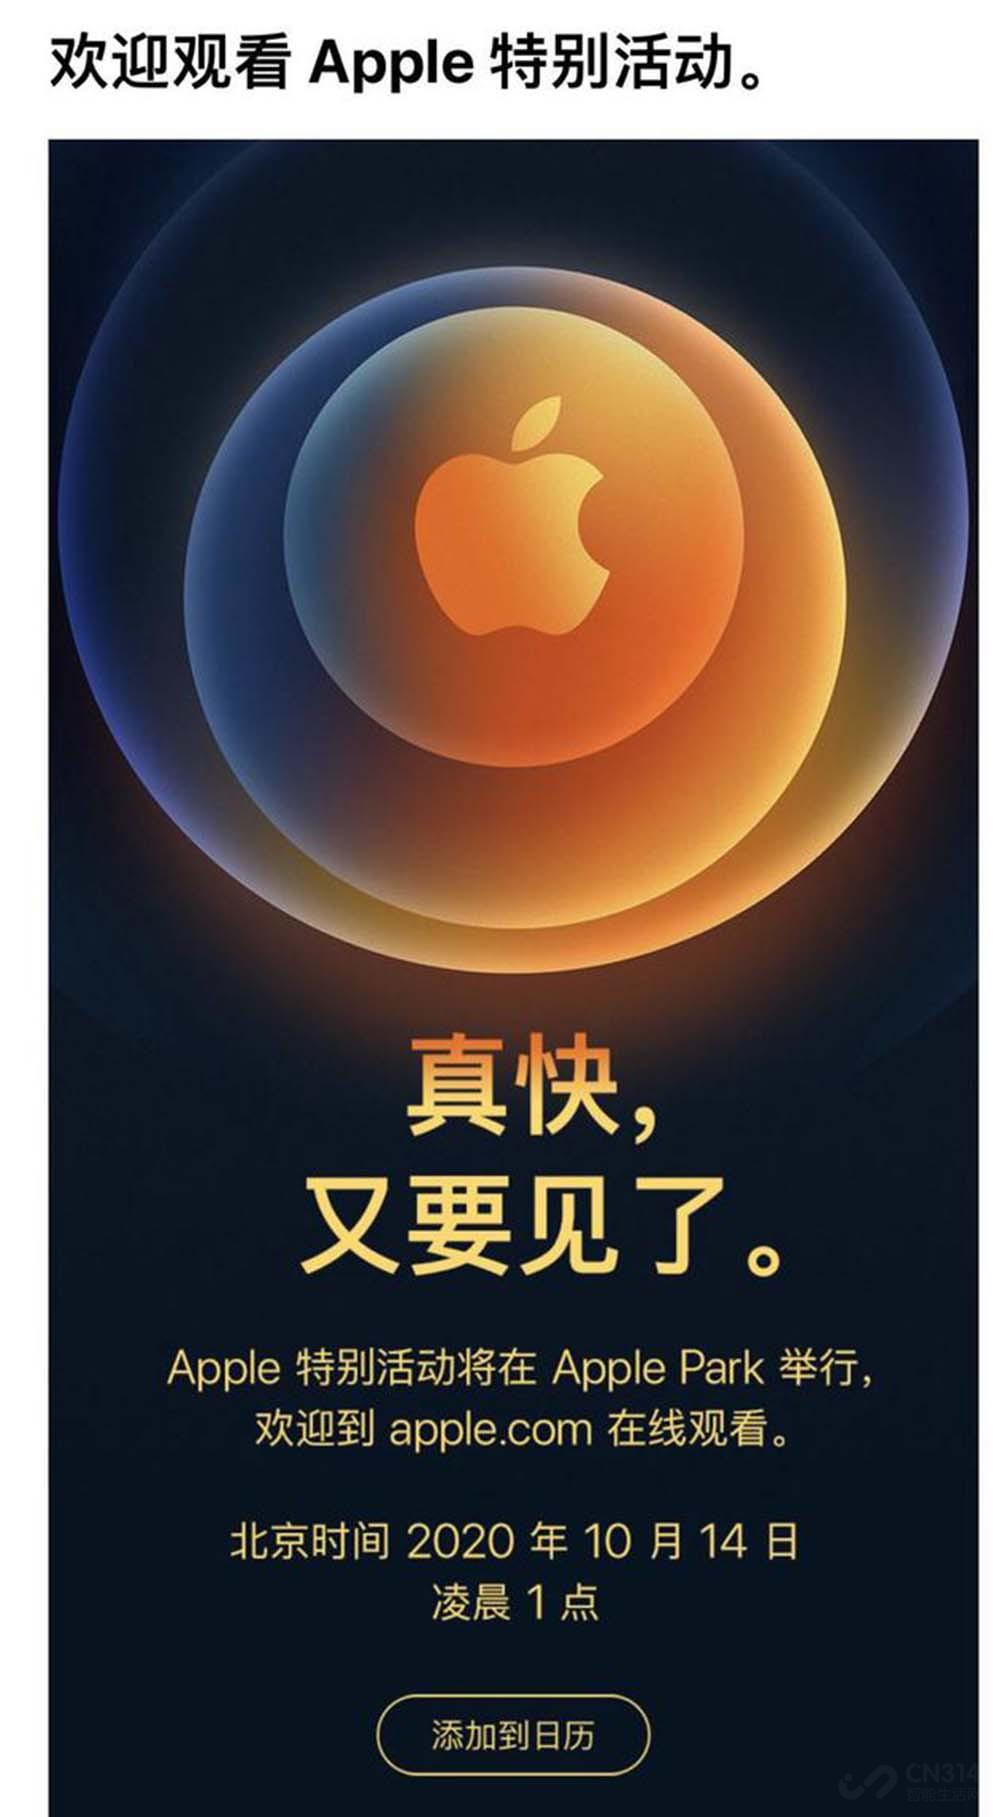 苹果发布会海报解读 竟隐藏了这么多秘密